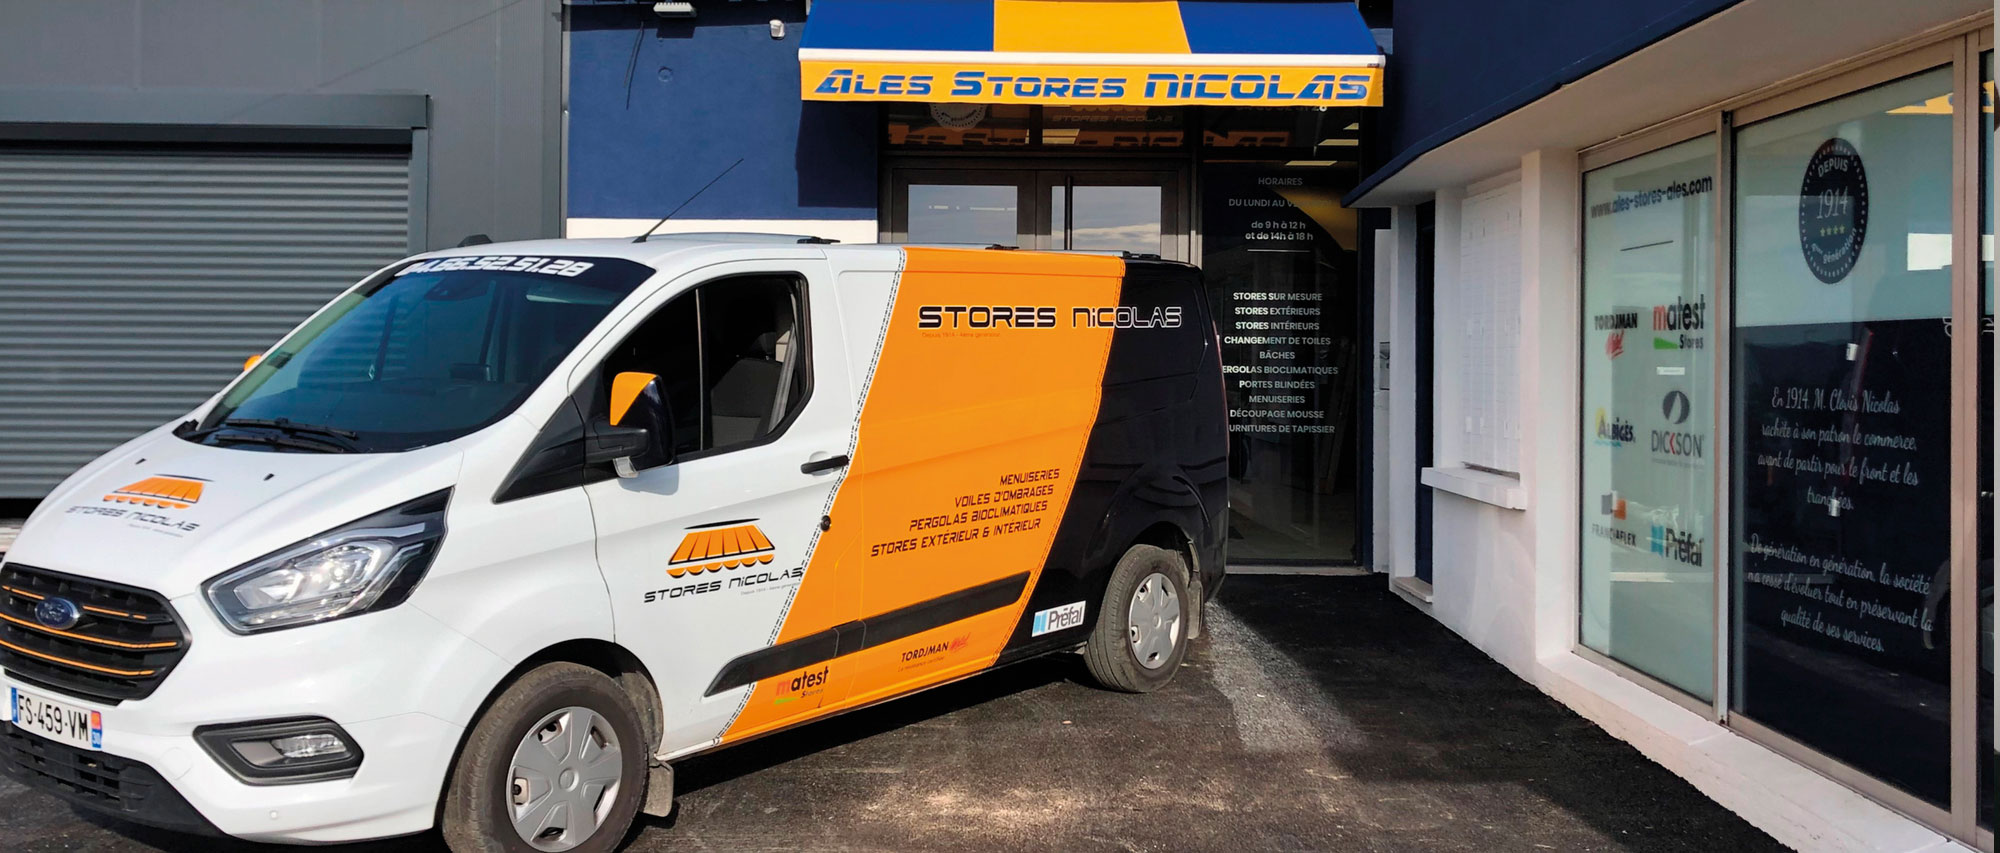 Boutique Stores Nicolas Alès